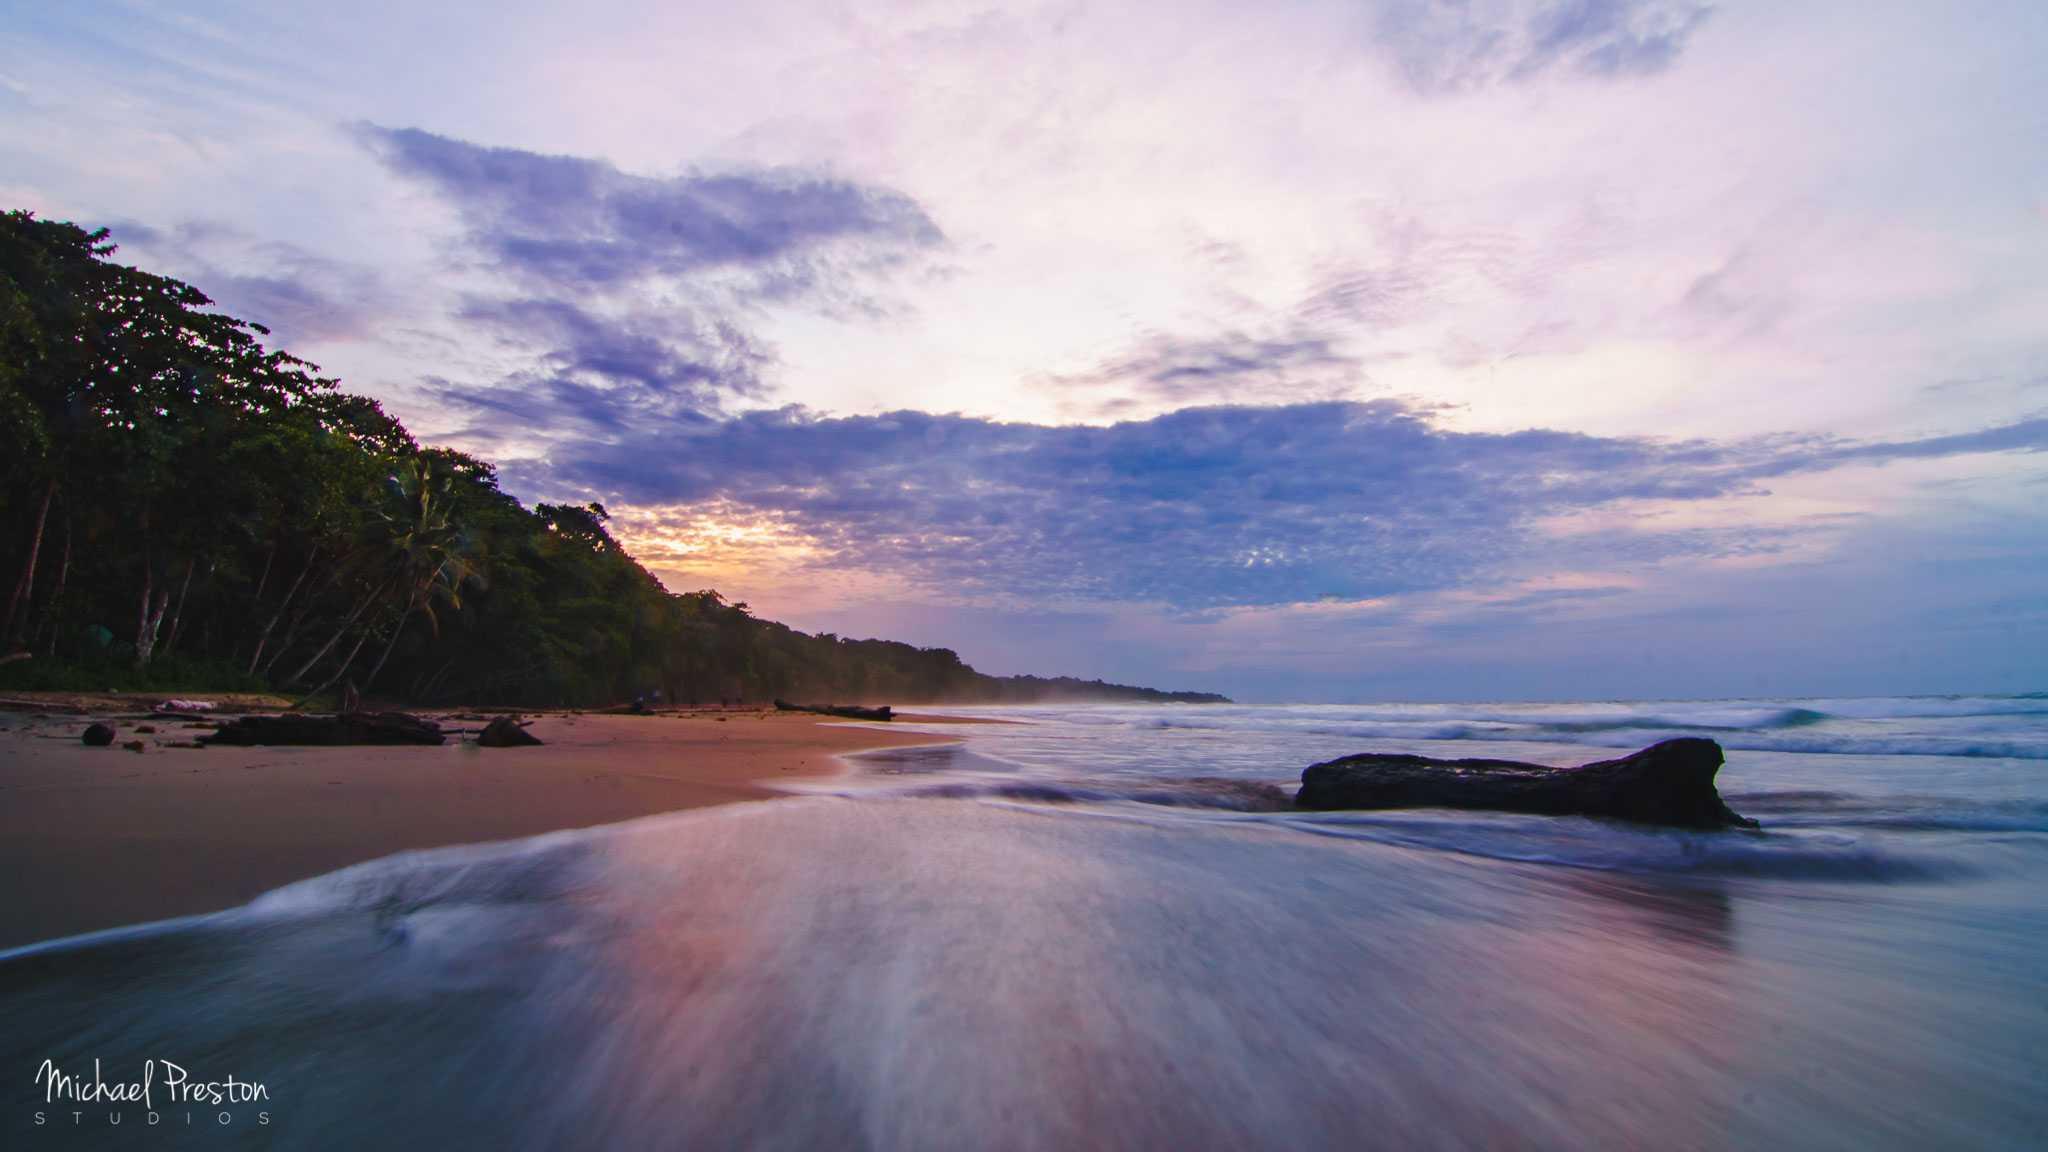 Faith Glamping Beach, Costa Rica